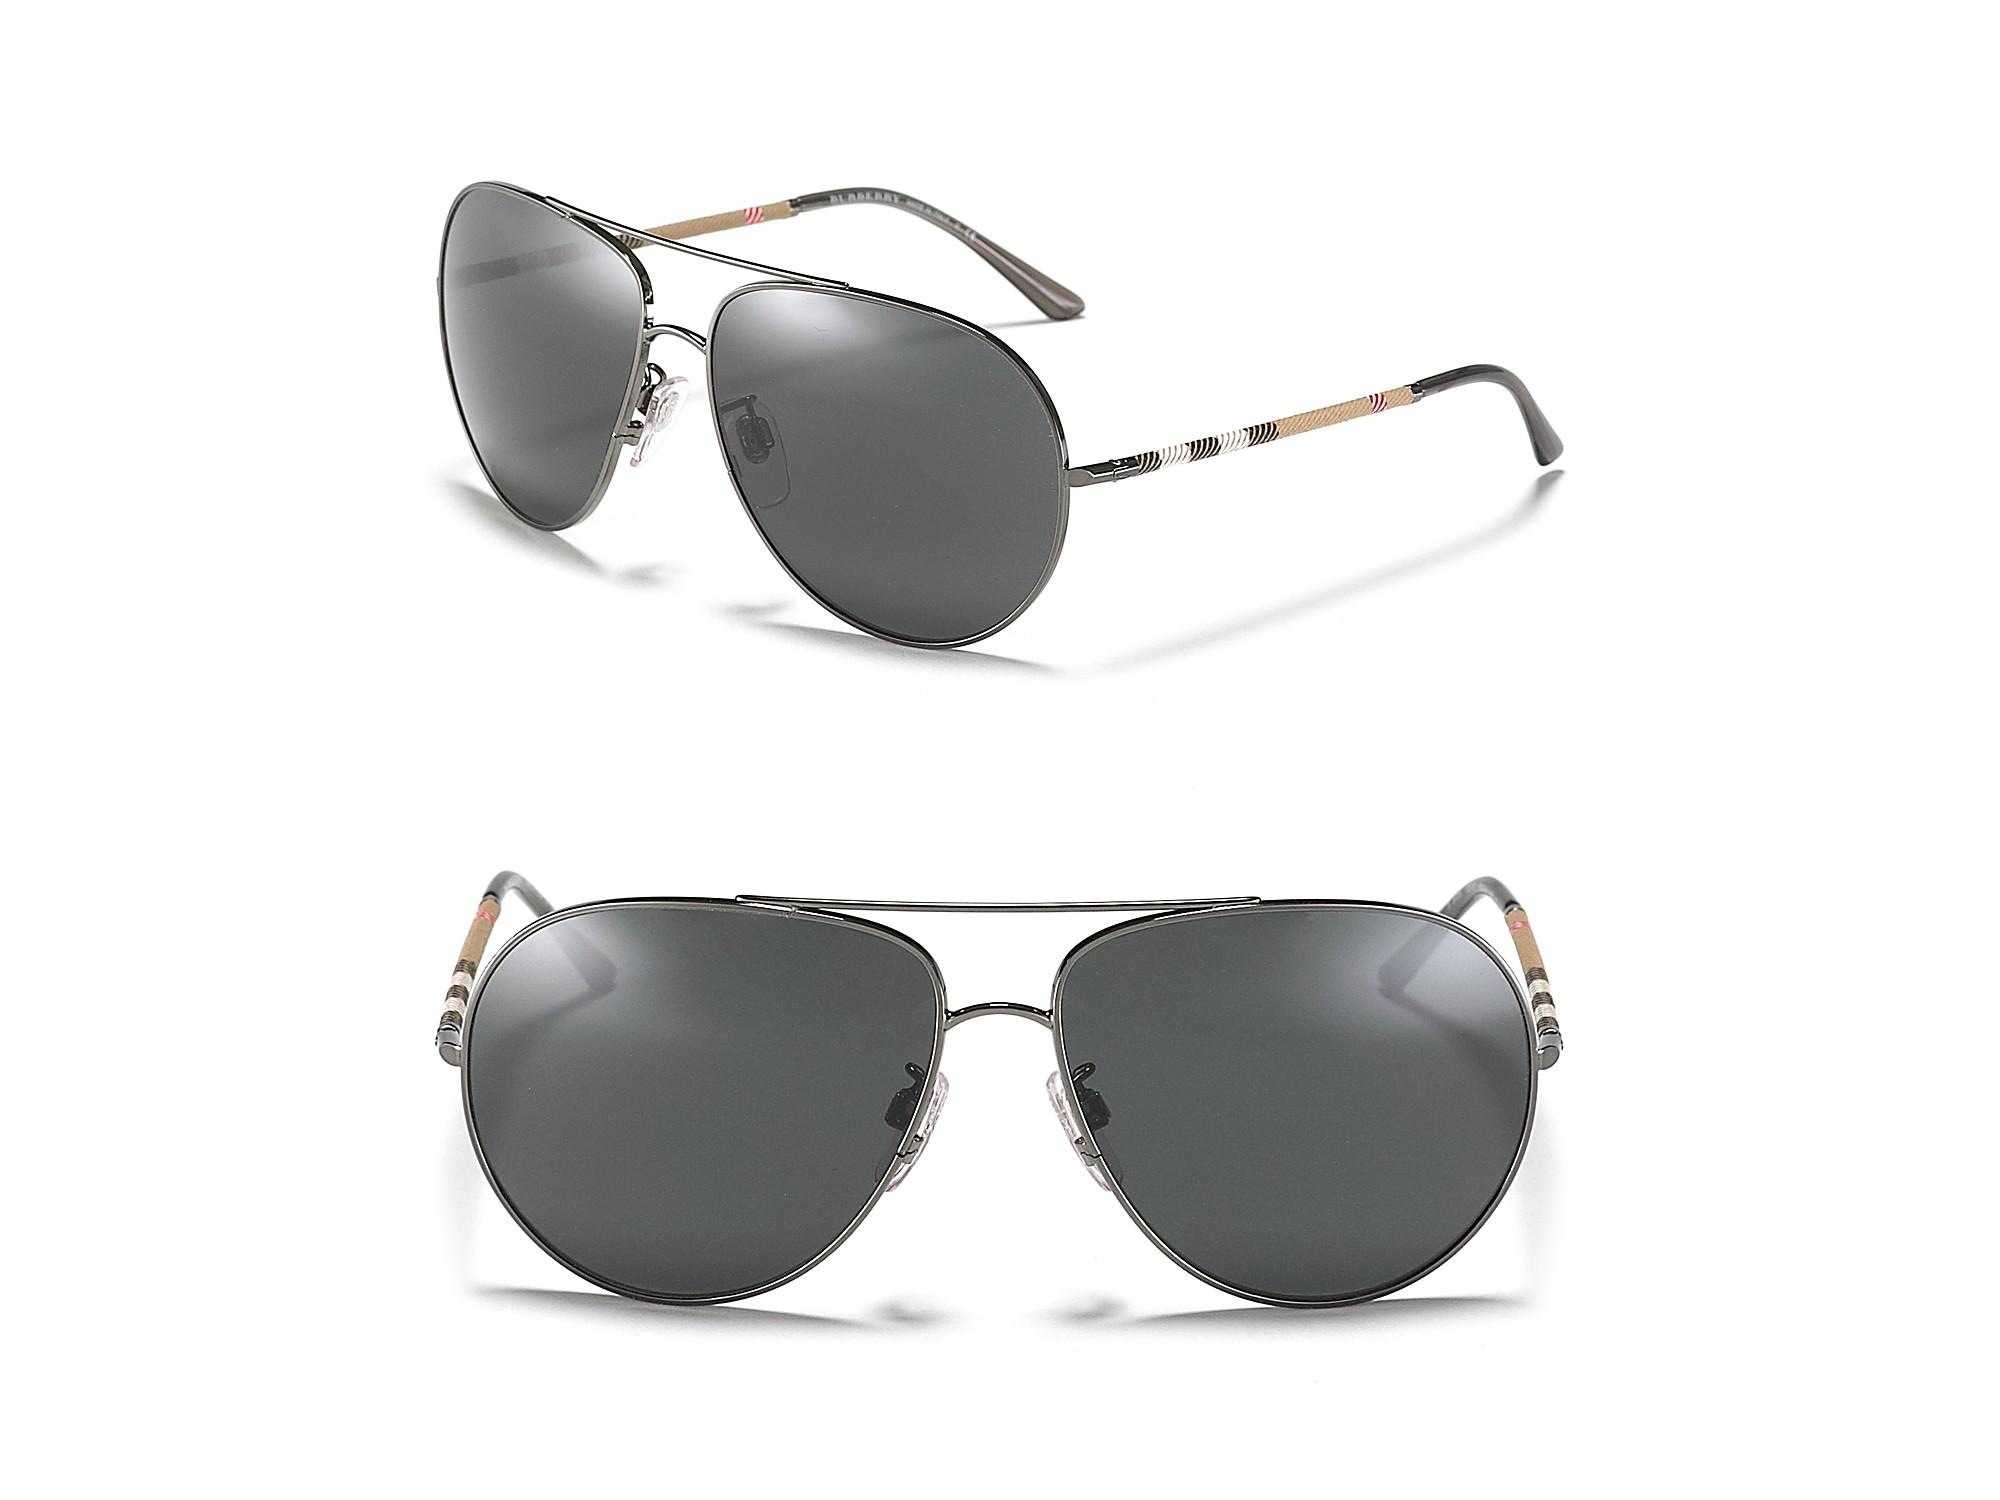 e078b91f107 Lyst - Burberry Mens Aviator Wrap Check Temple Sunglasses in ...